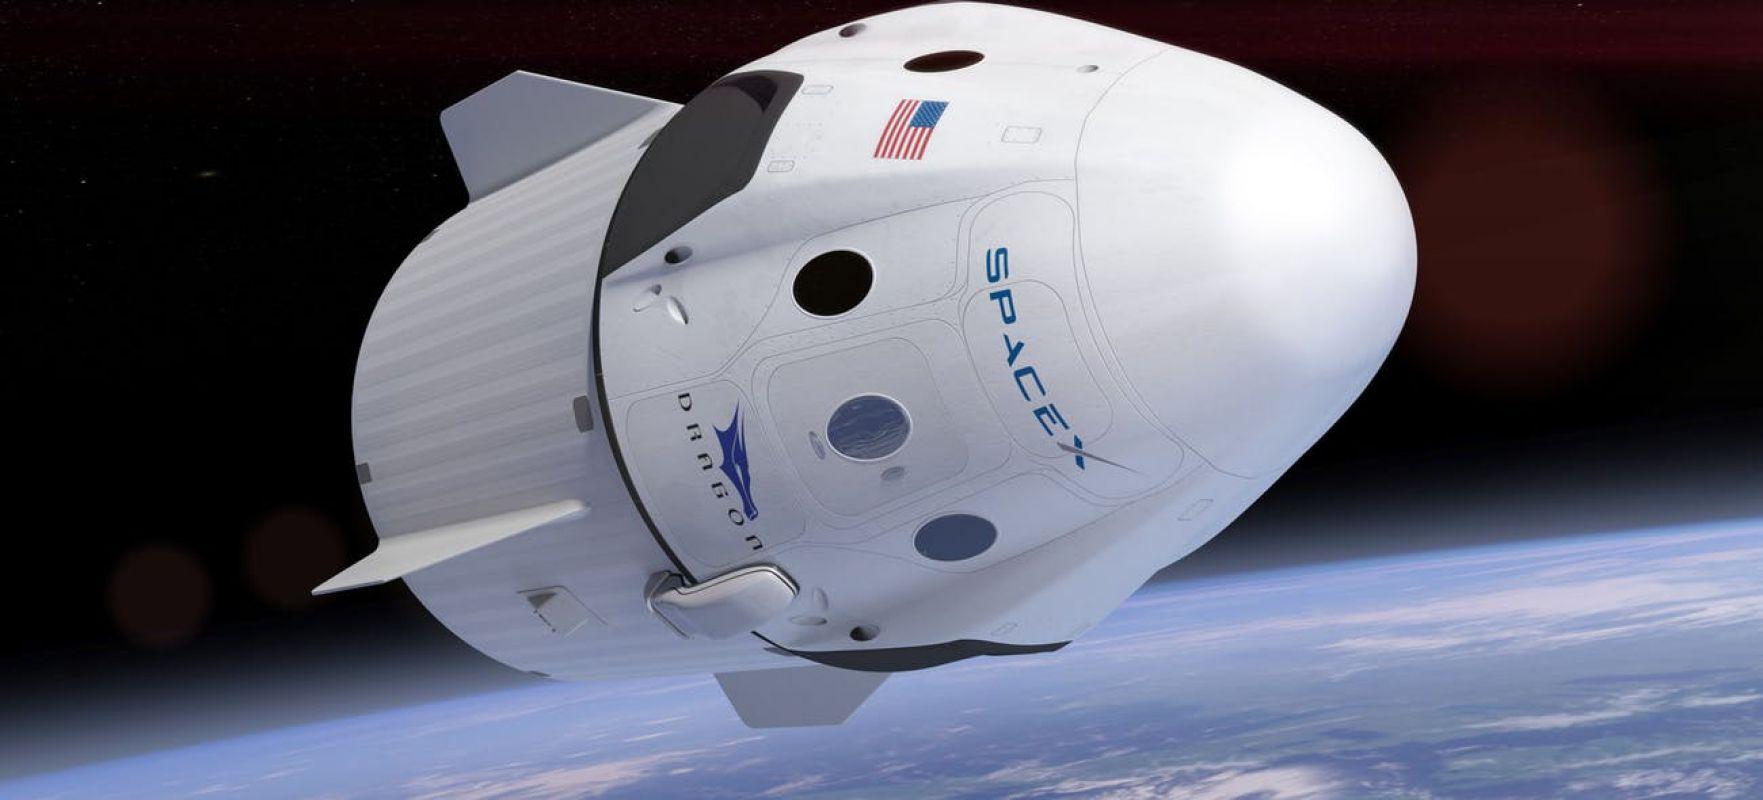 Дональд Трамп поздравил SpaceX с удачным запуском корабля Crew Dragon к МКС